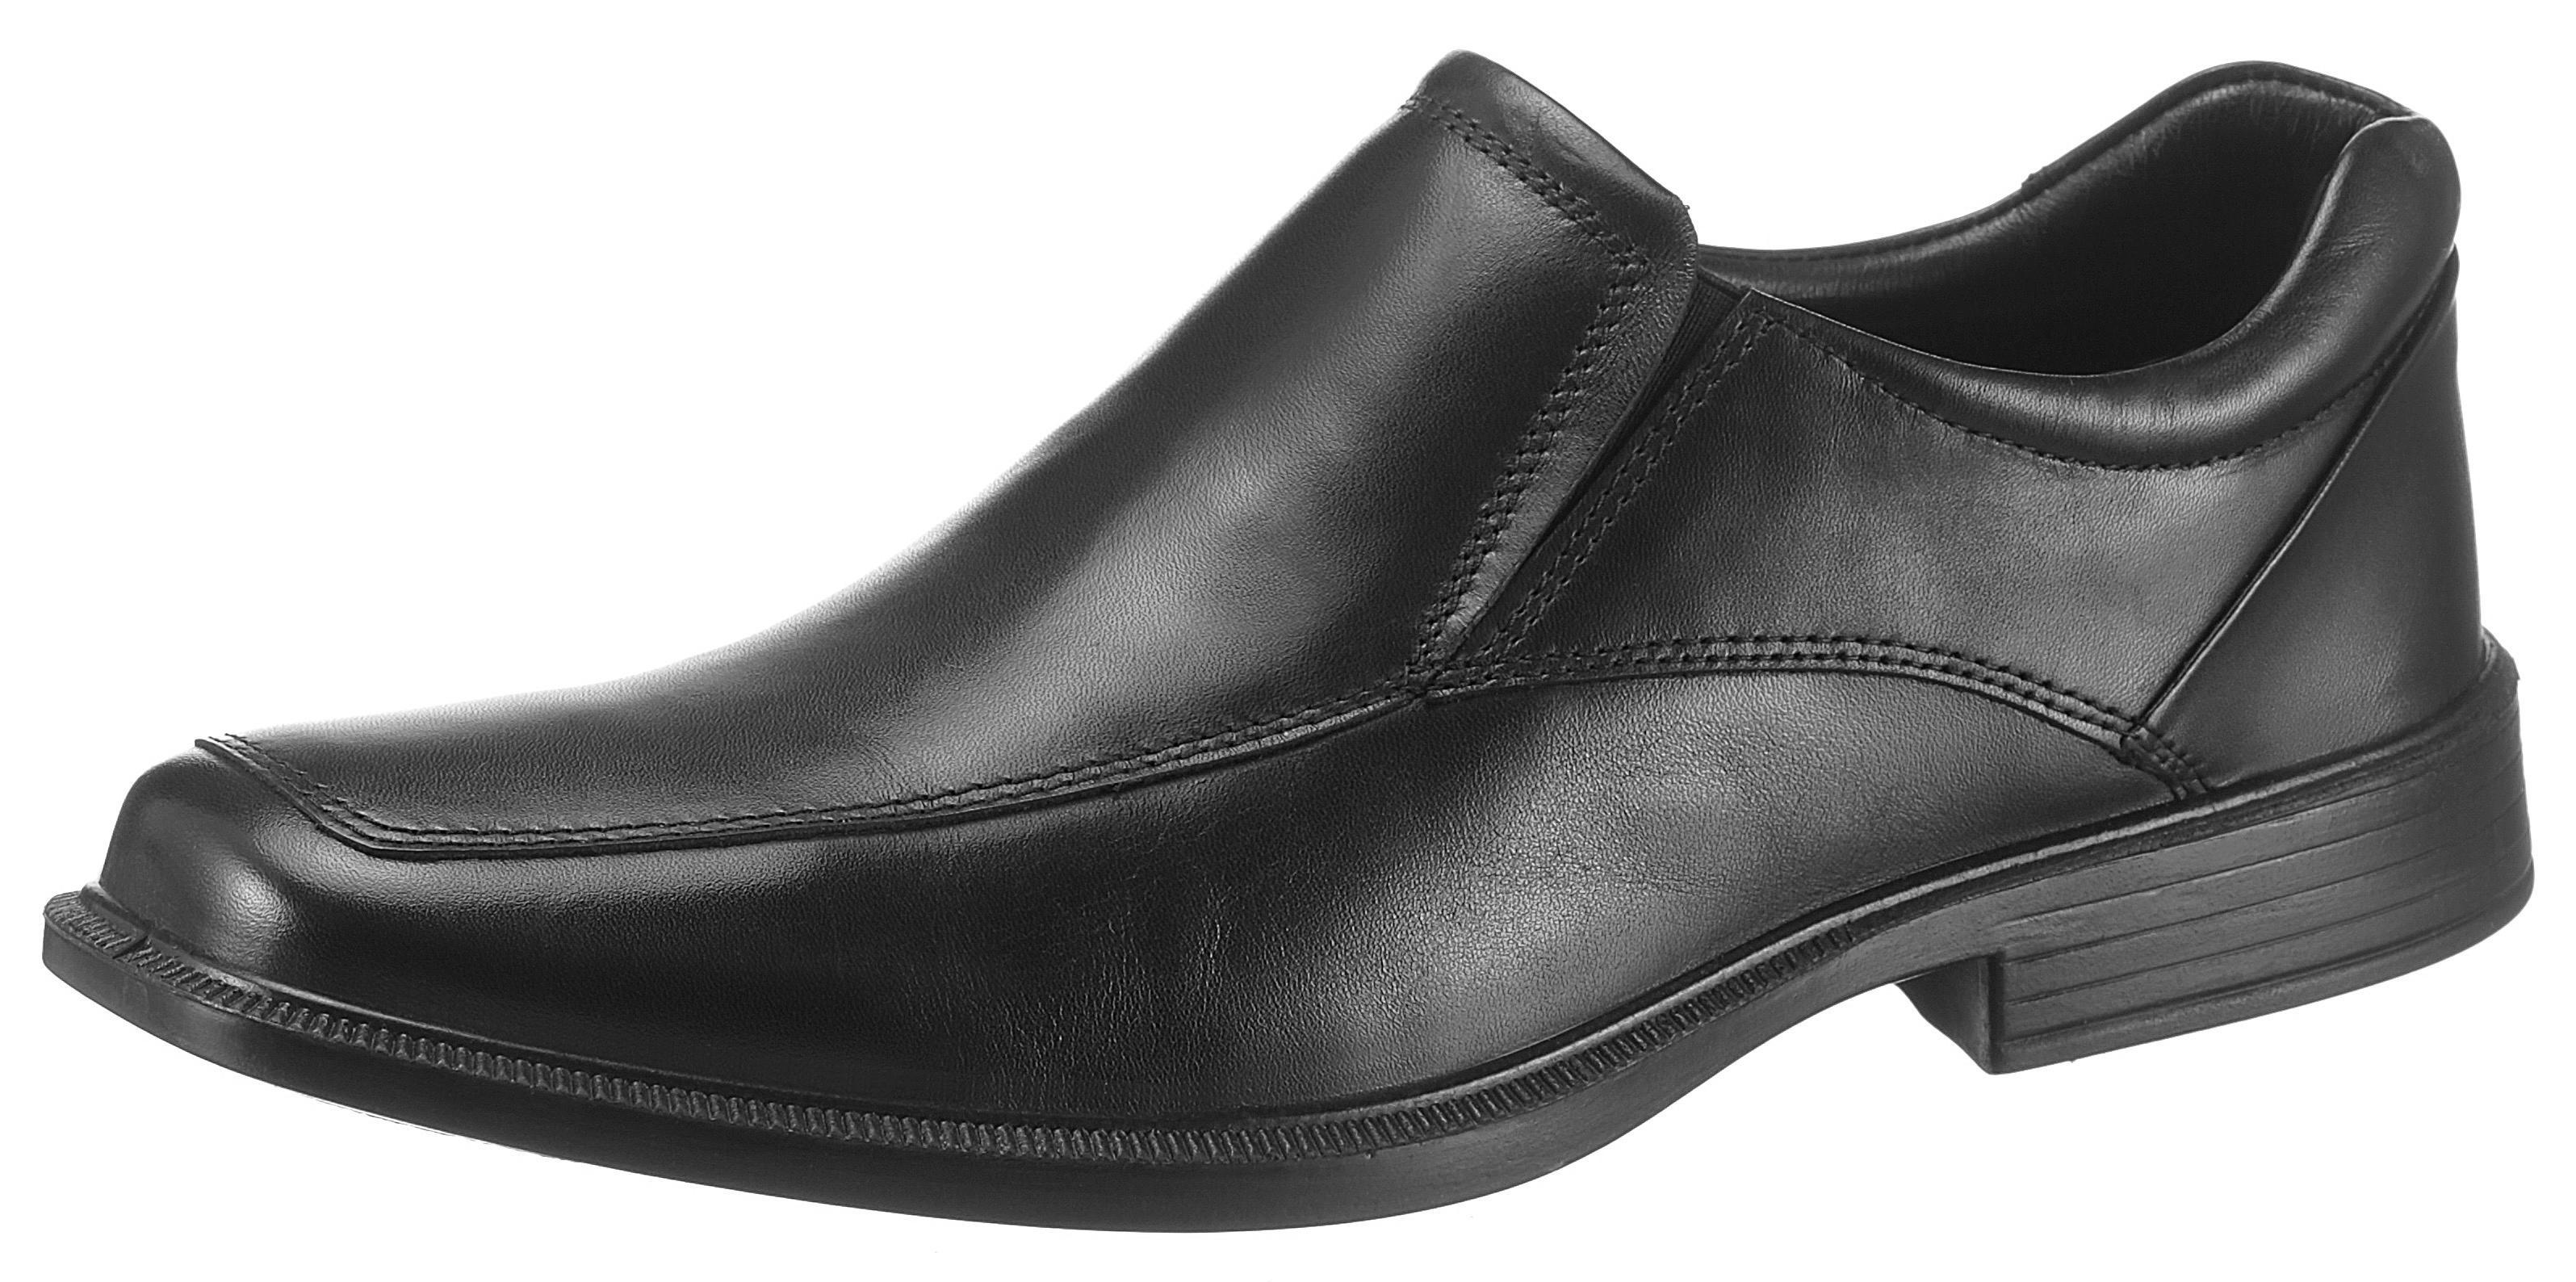 PETROLIO Slipper   Schuhe > Slipper   Schwarz   Leder   Petrolio